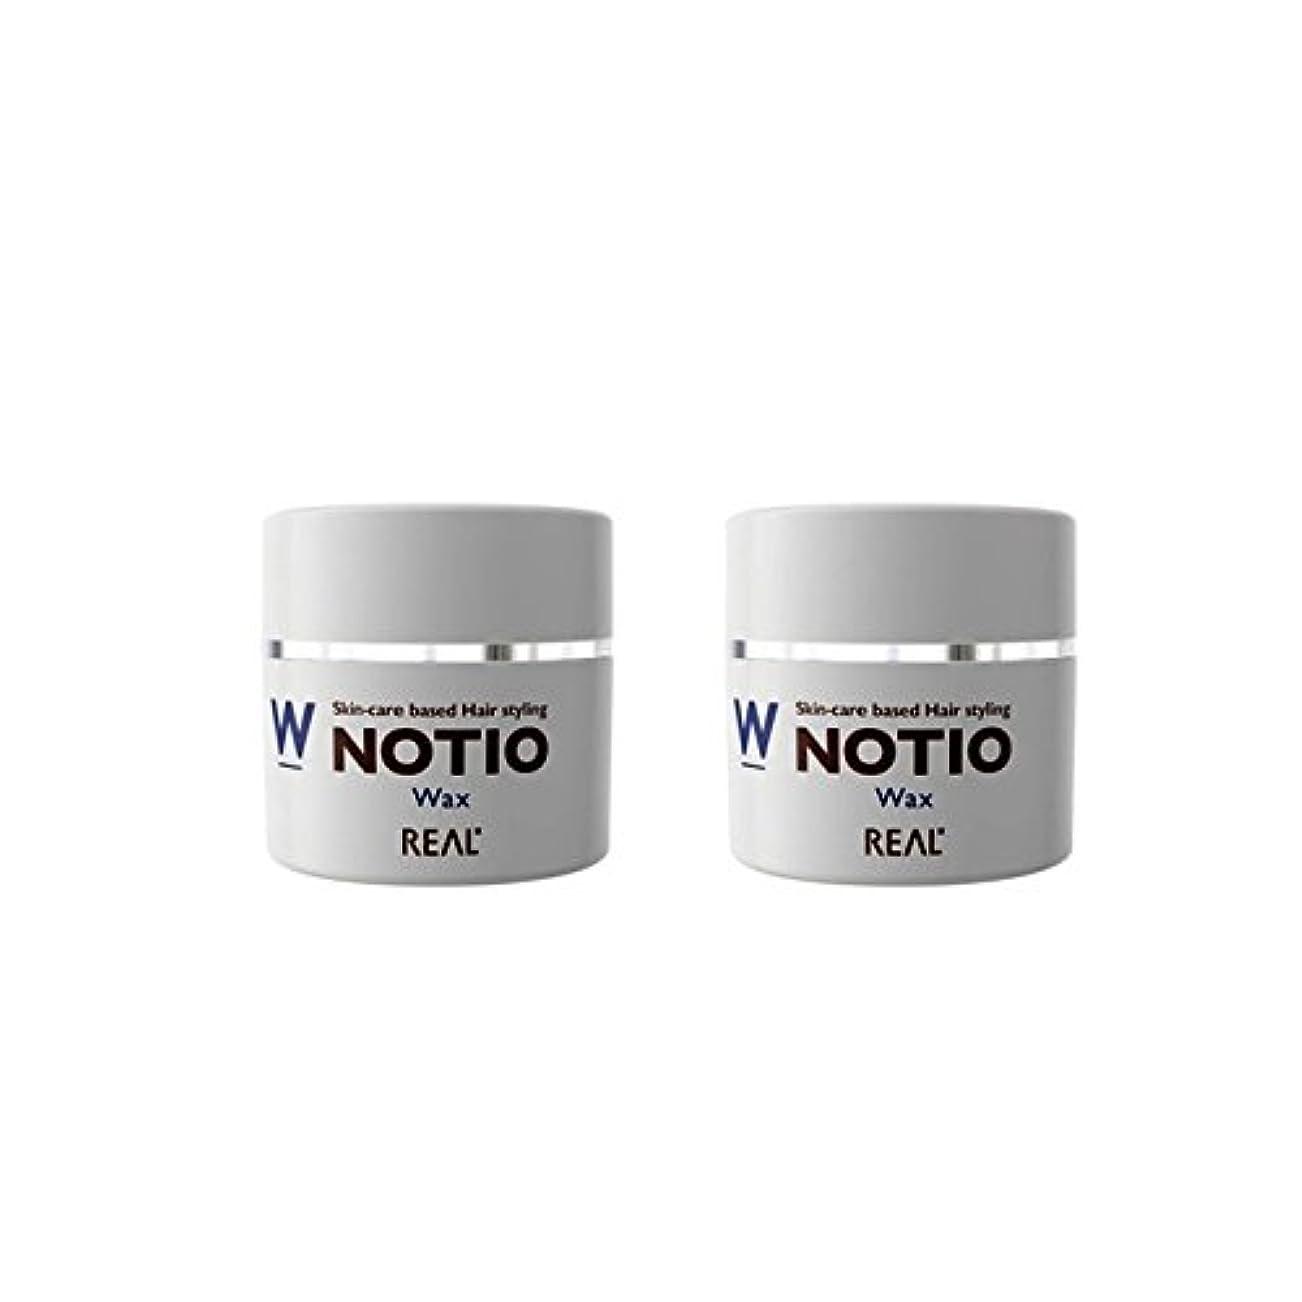 楽観的料理ジュース【2個セット】NOTIO Wax ノティオ ワックス ( ヘアスタイリング?ハンドクリーム ) 45g